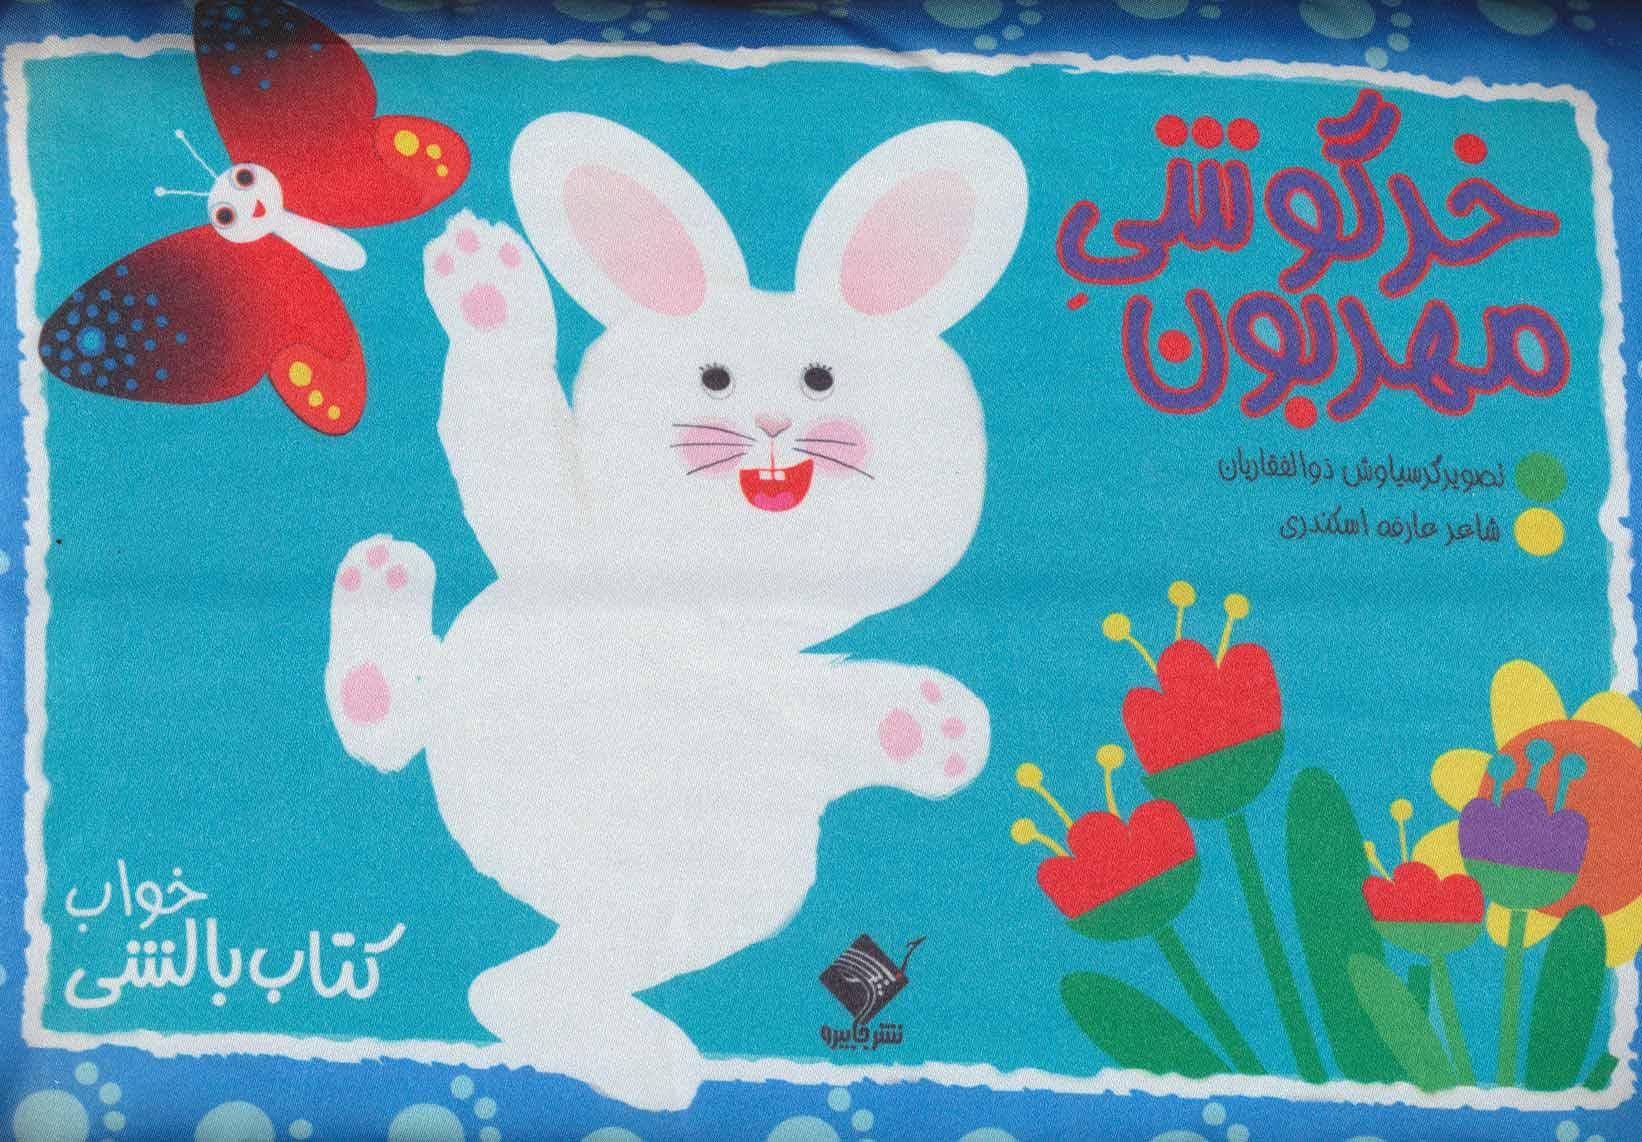 خرگوشی مهربون (کتاب بالشی)